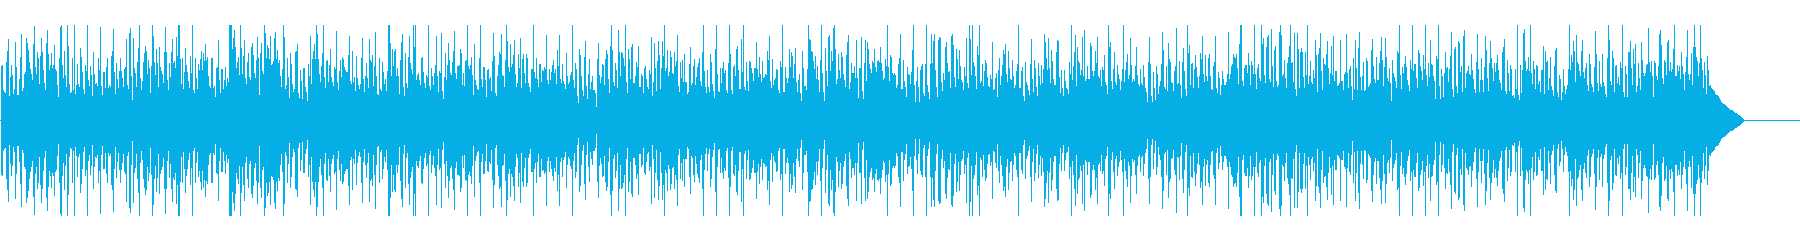 おしゃれなオトナR&Bエレピジャズの再生済みの波形